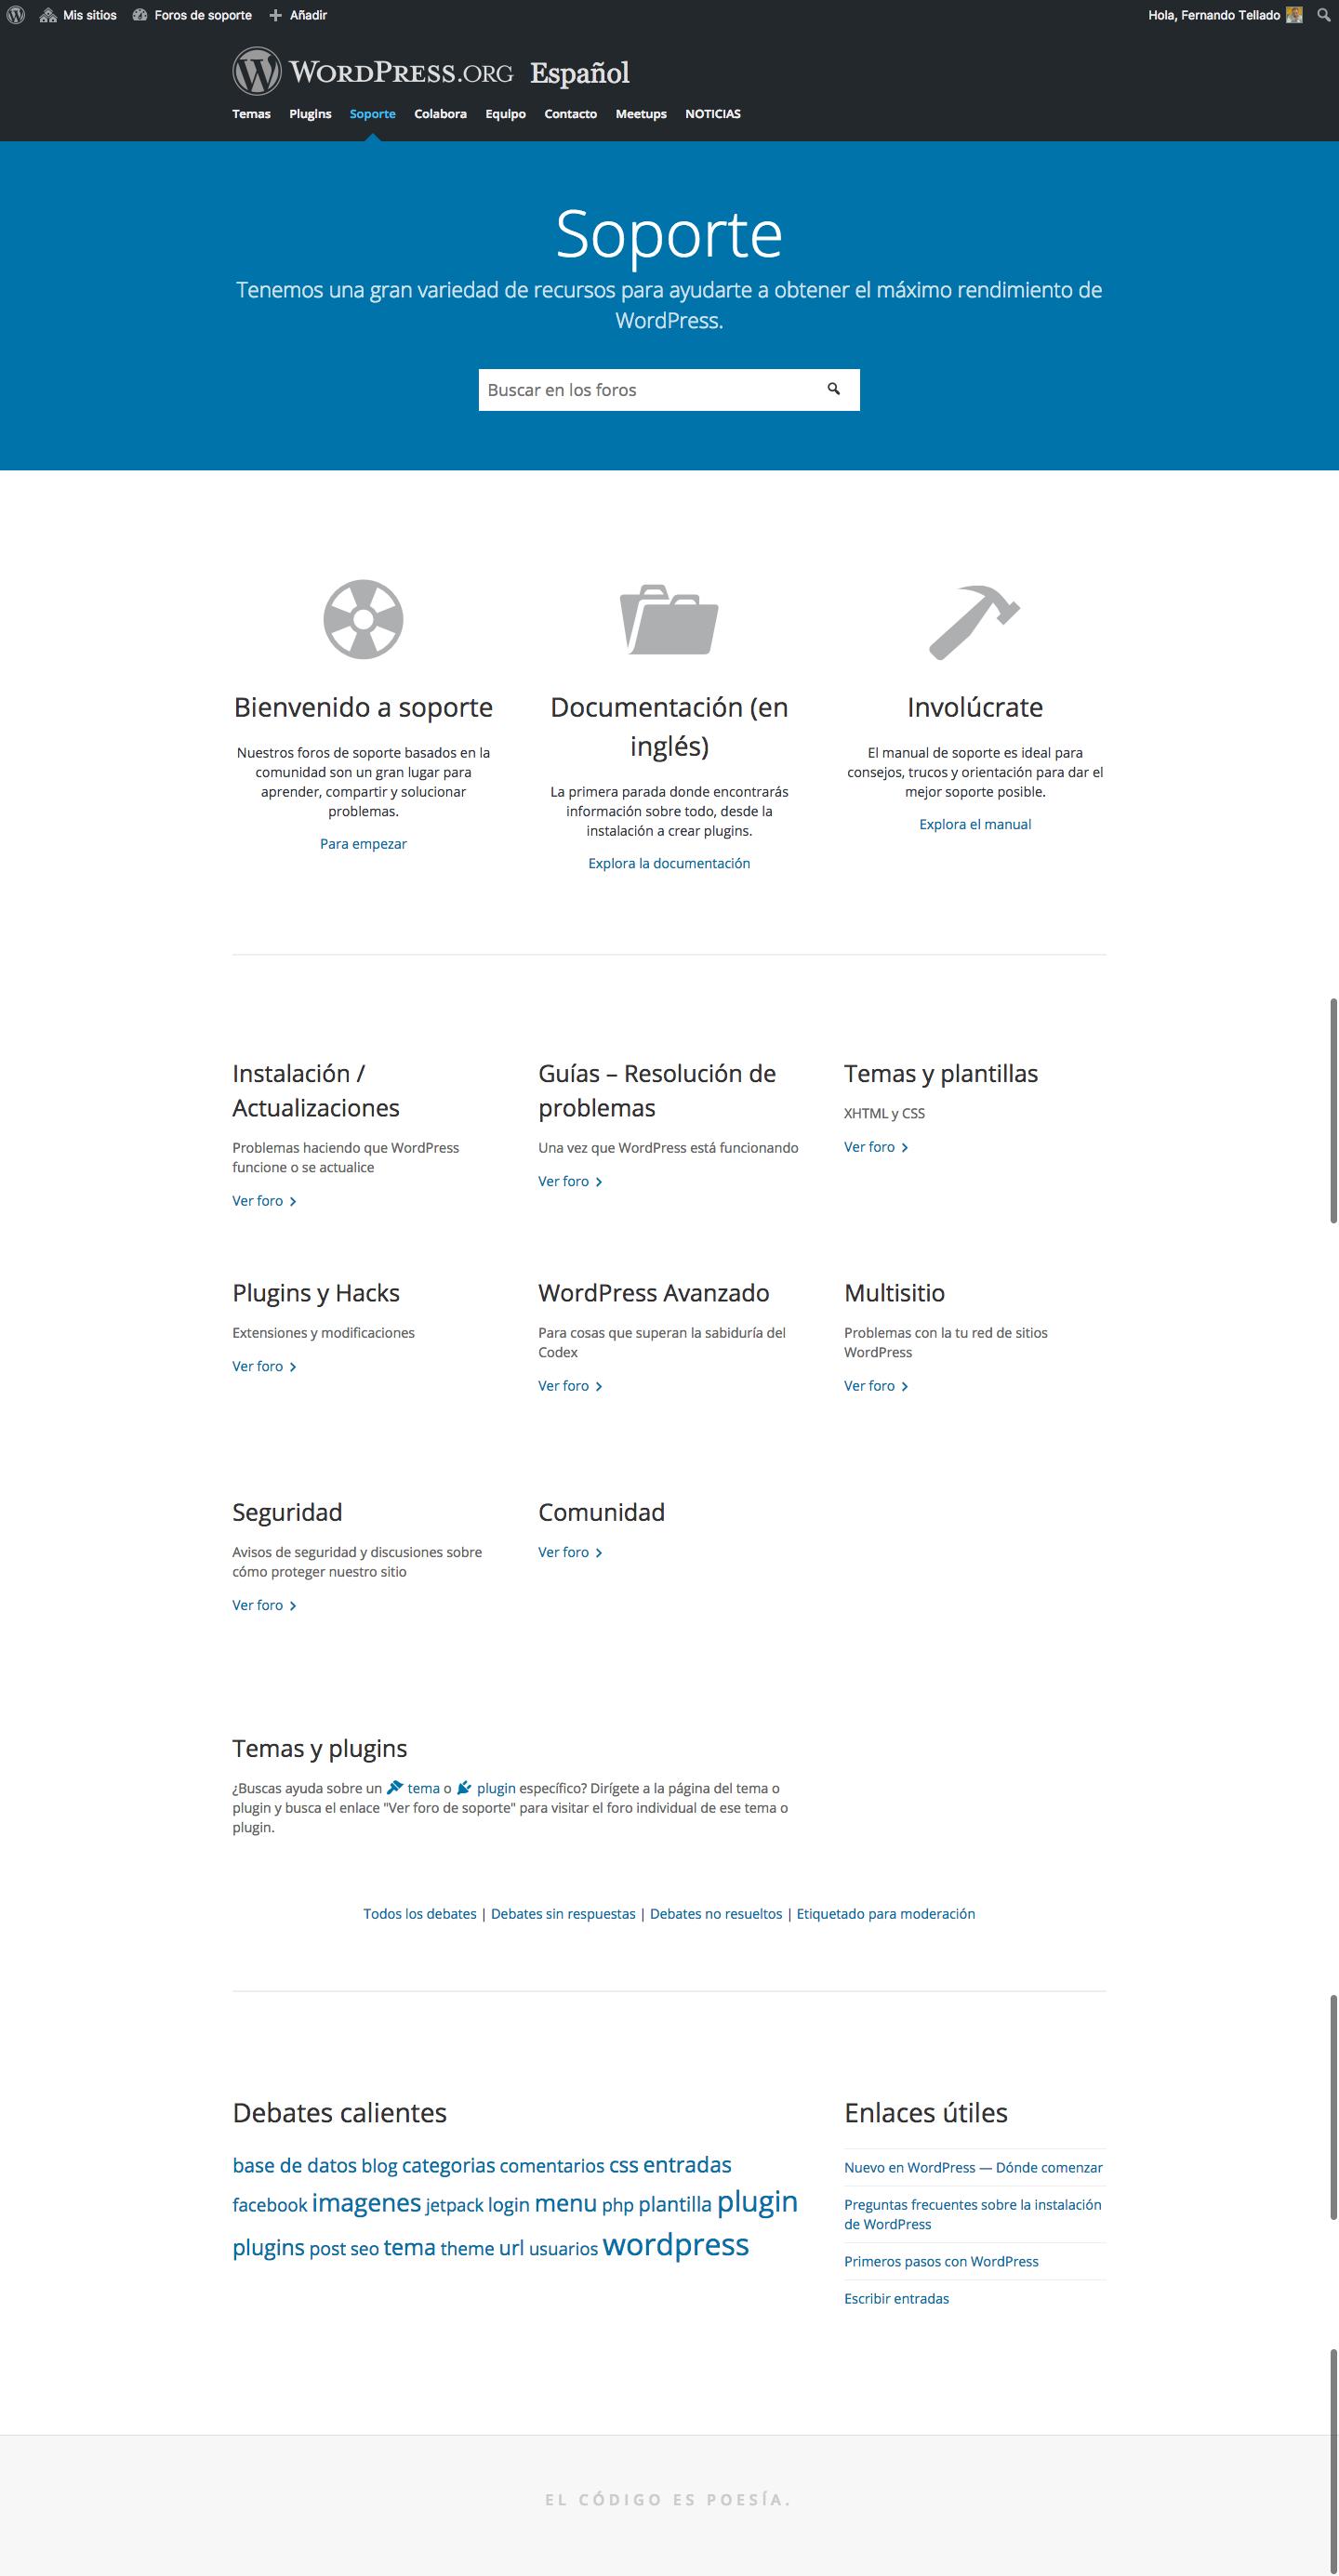 Reunión mods Foros WordPress en Español (07-09-2017) – Equipo ...